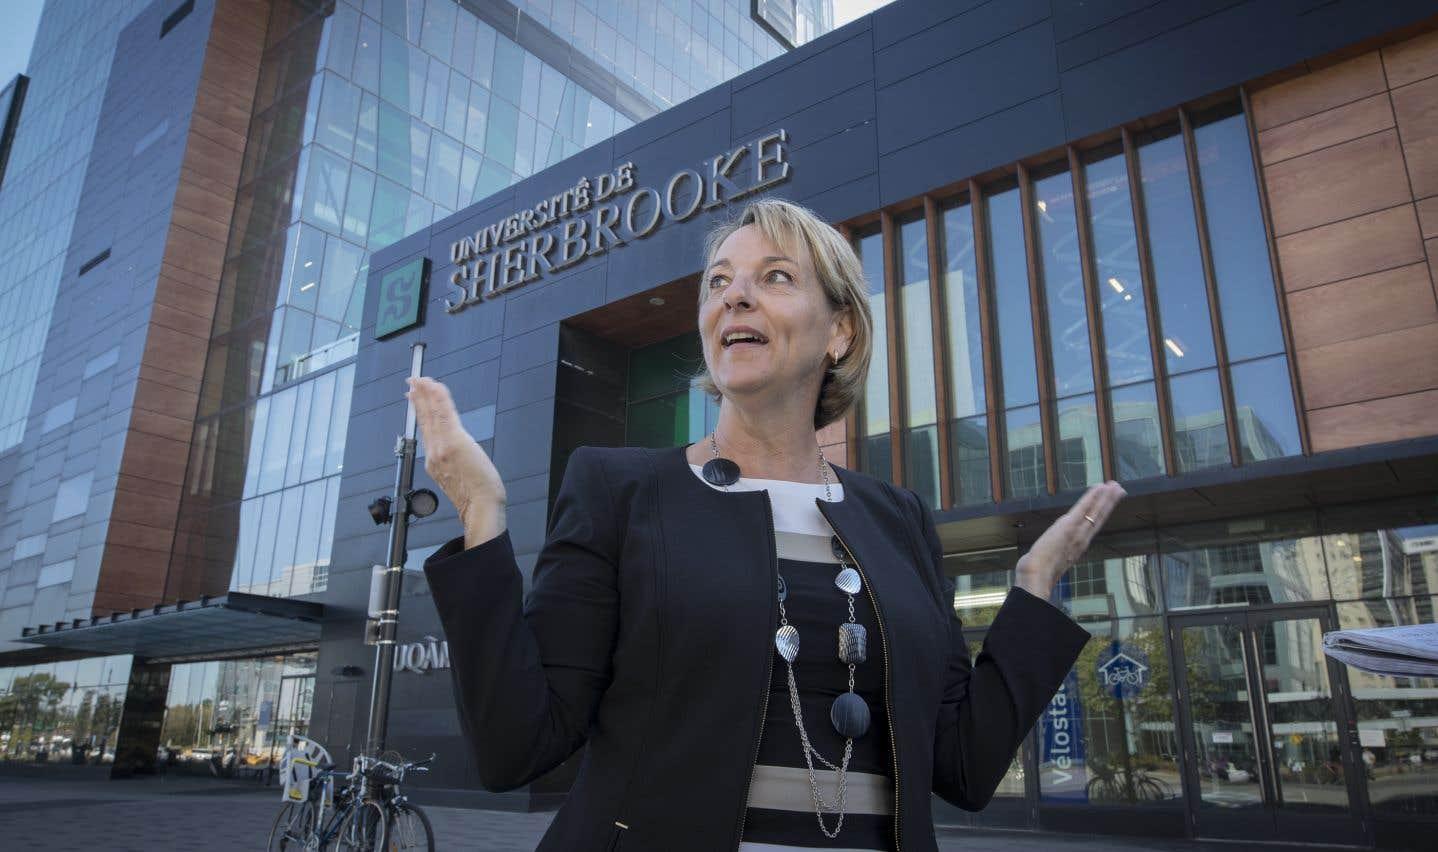 La candidate Sylvie Parent a été élue à la mairie de Longueuil avec une avance de 118 voix le 5 novembre denier.